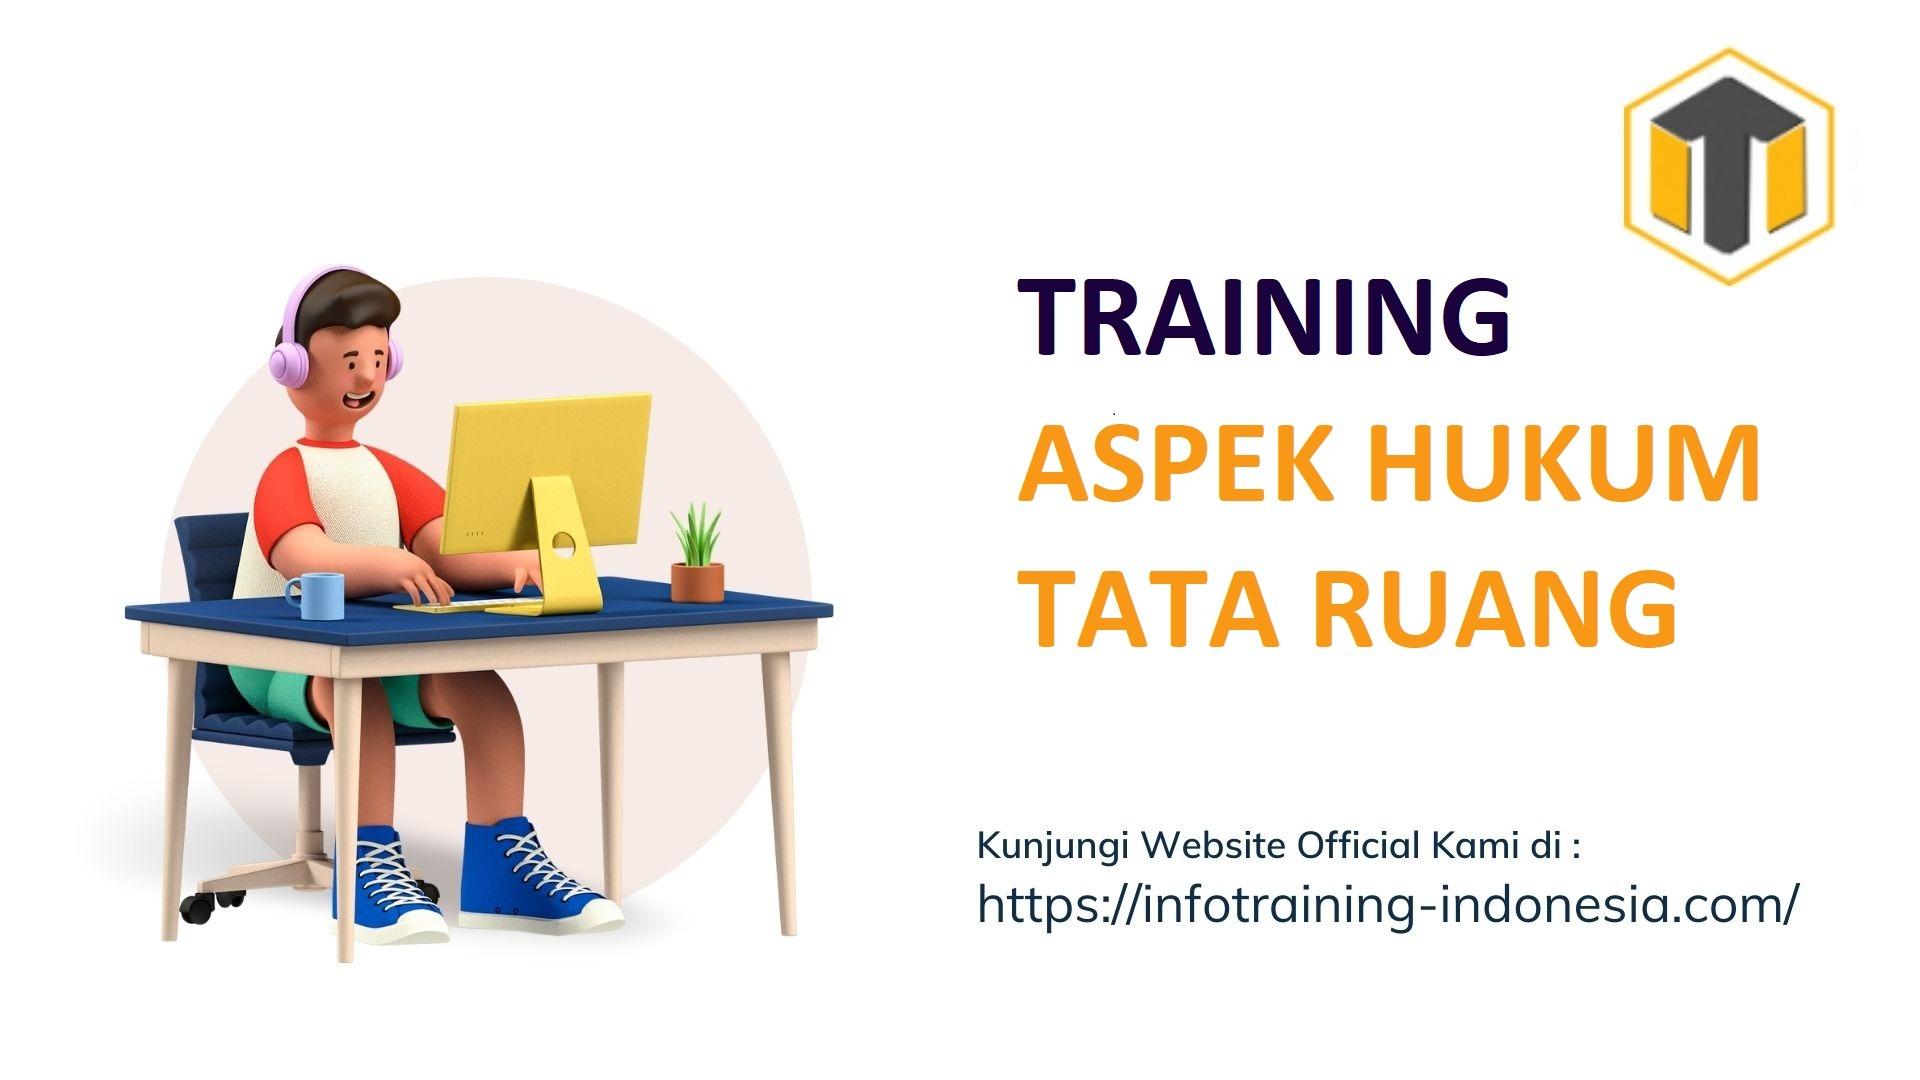 TRAINING ASPEK HUKUM TATA RUANG pelatihan ASPEK HUKUM TATA RUANG Bandung